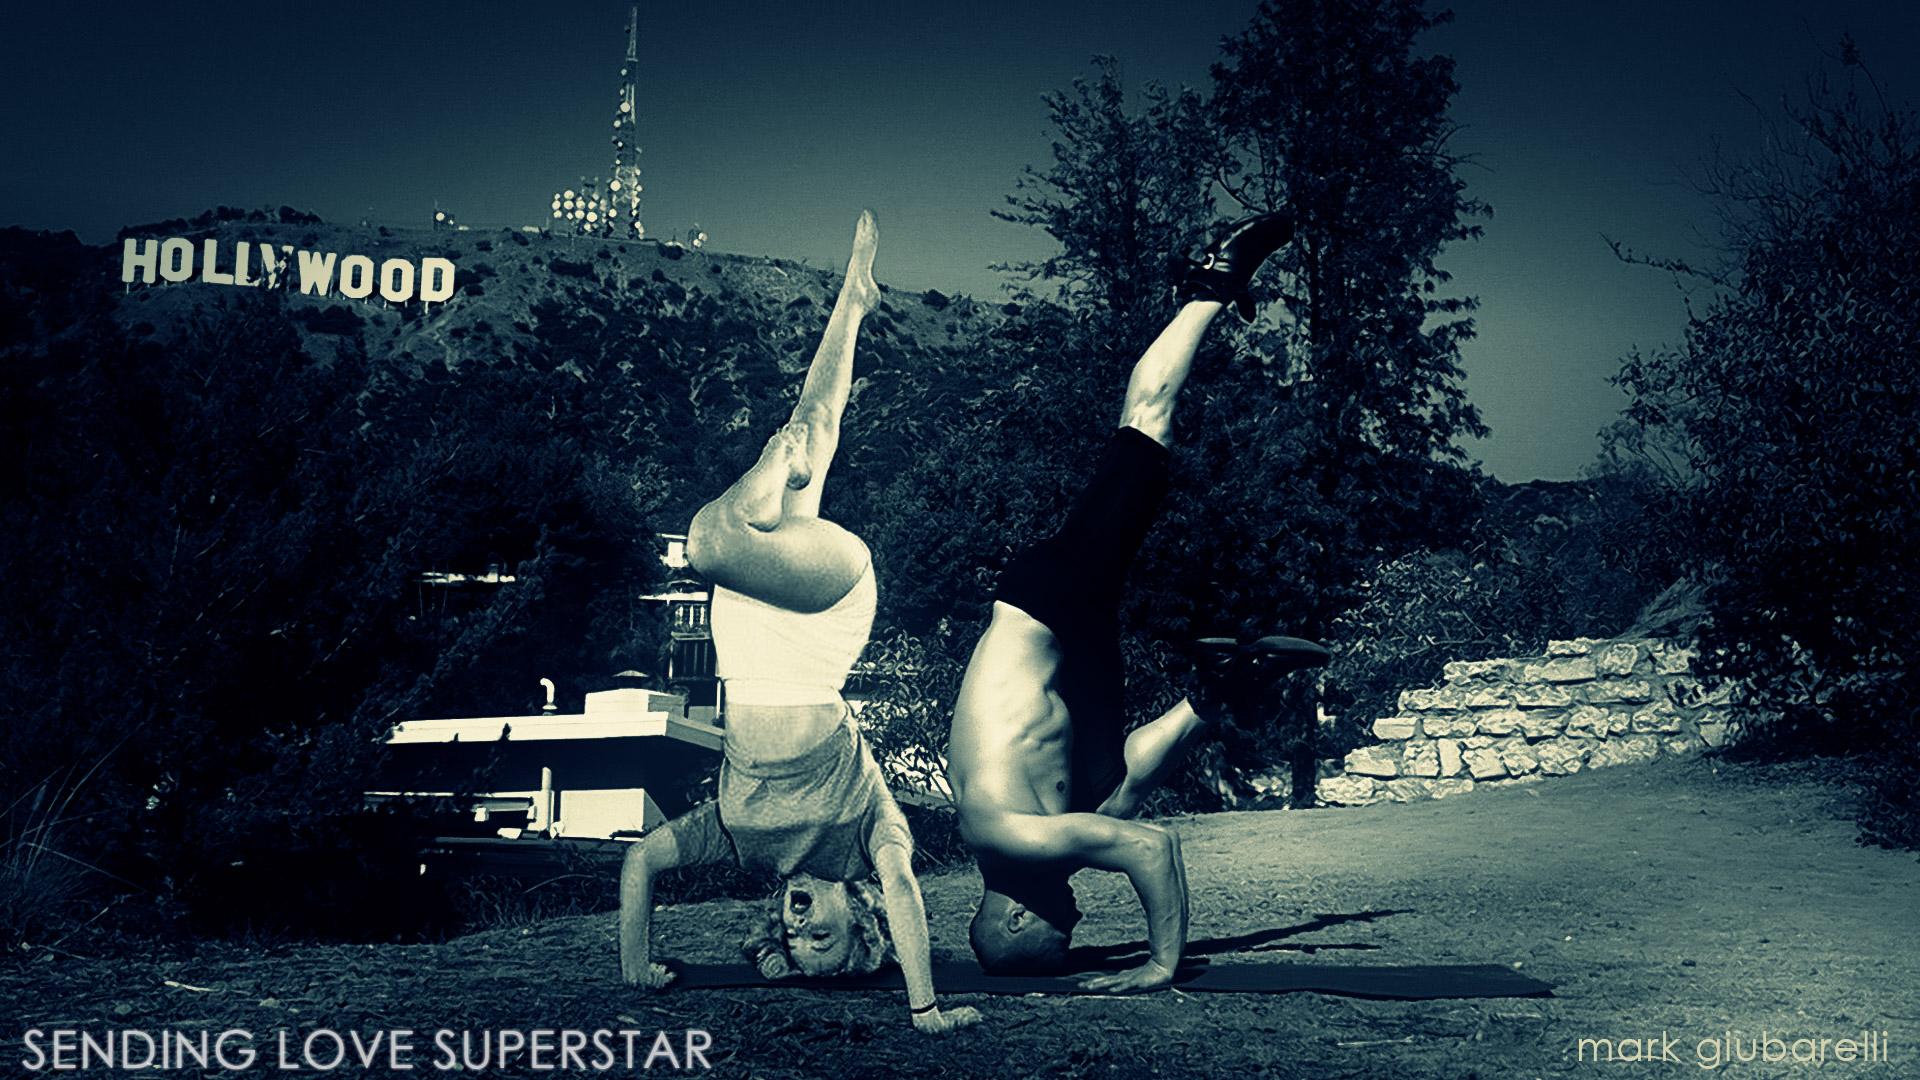 marilyn monroe yoga in hollywood